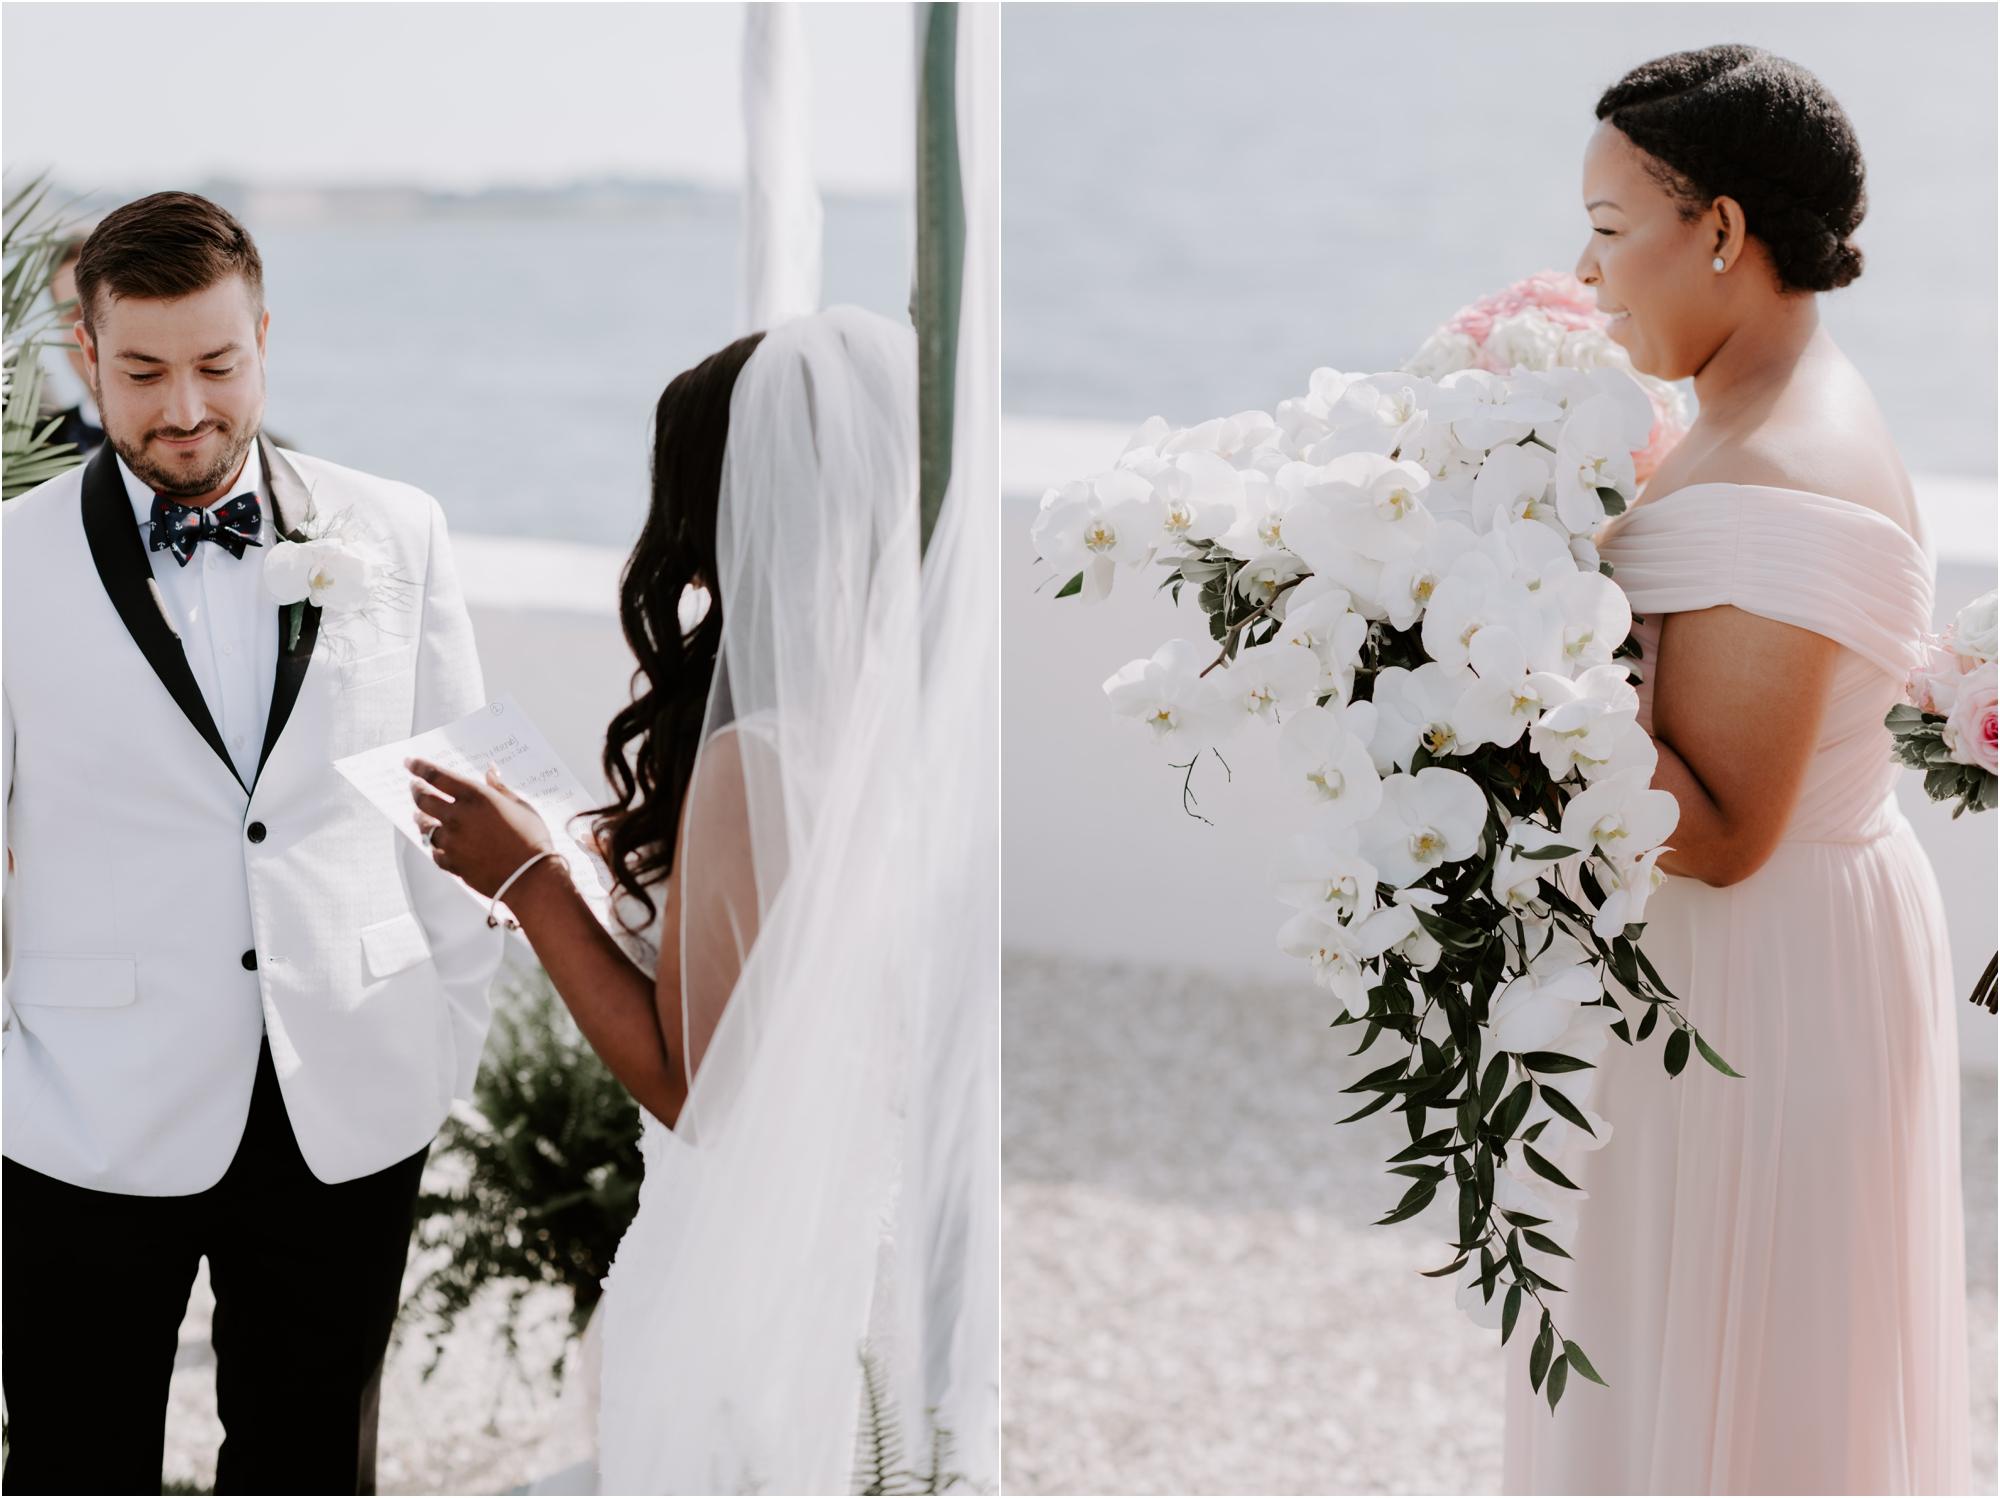 JANELLEANDJULIAN-wedding-madelinerosephotographyco_0026.jpg